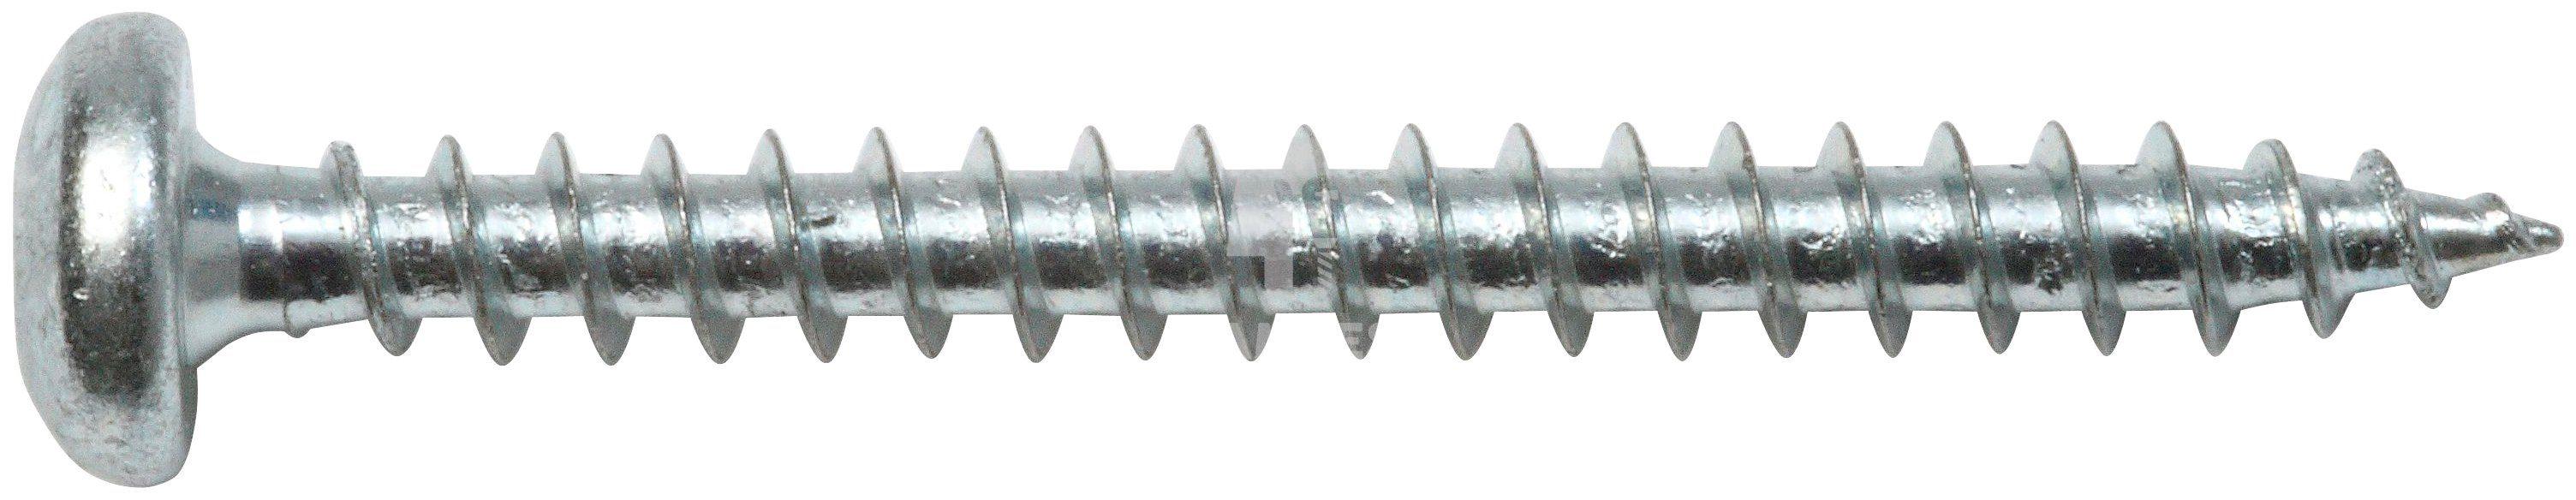 RAMSES Schrauben , Spanplattenschraube 4 x 45 mm 200 Stk.